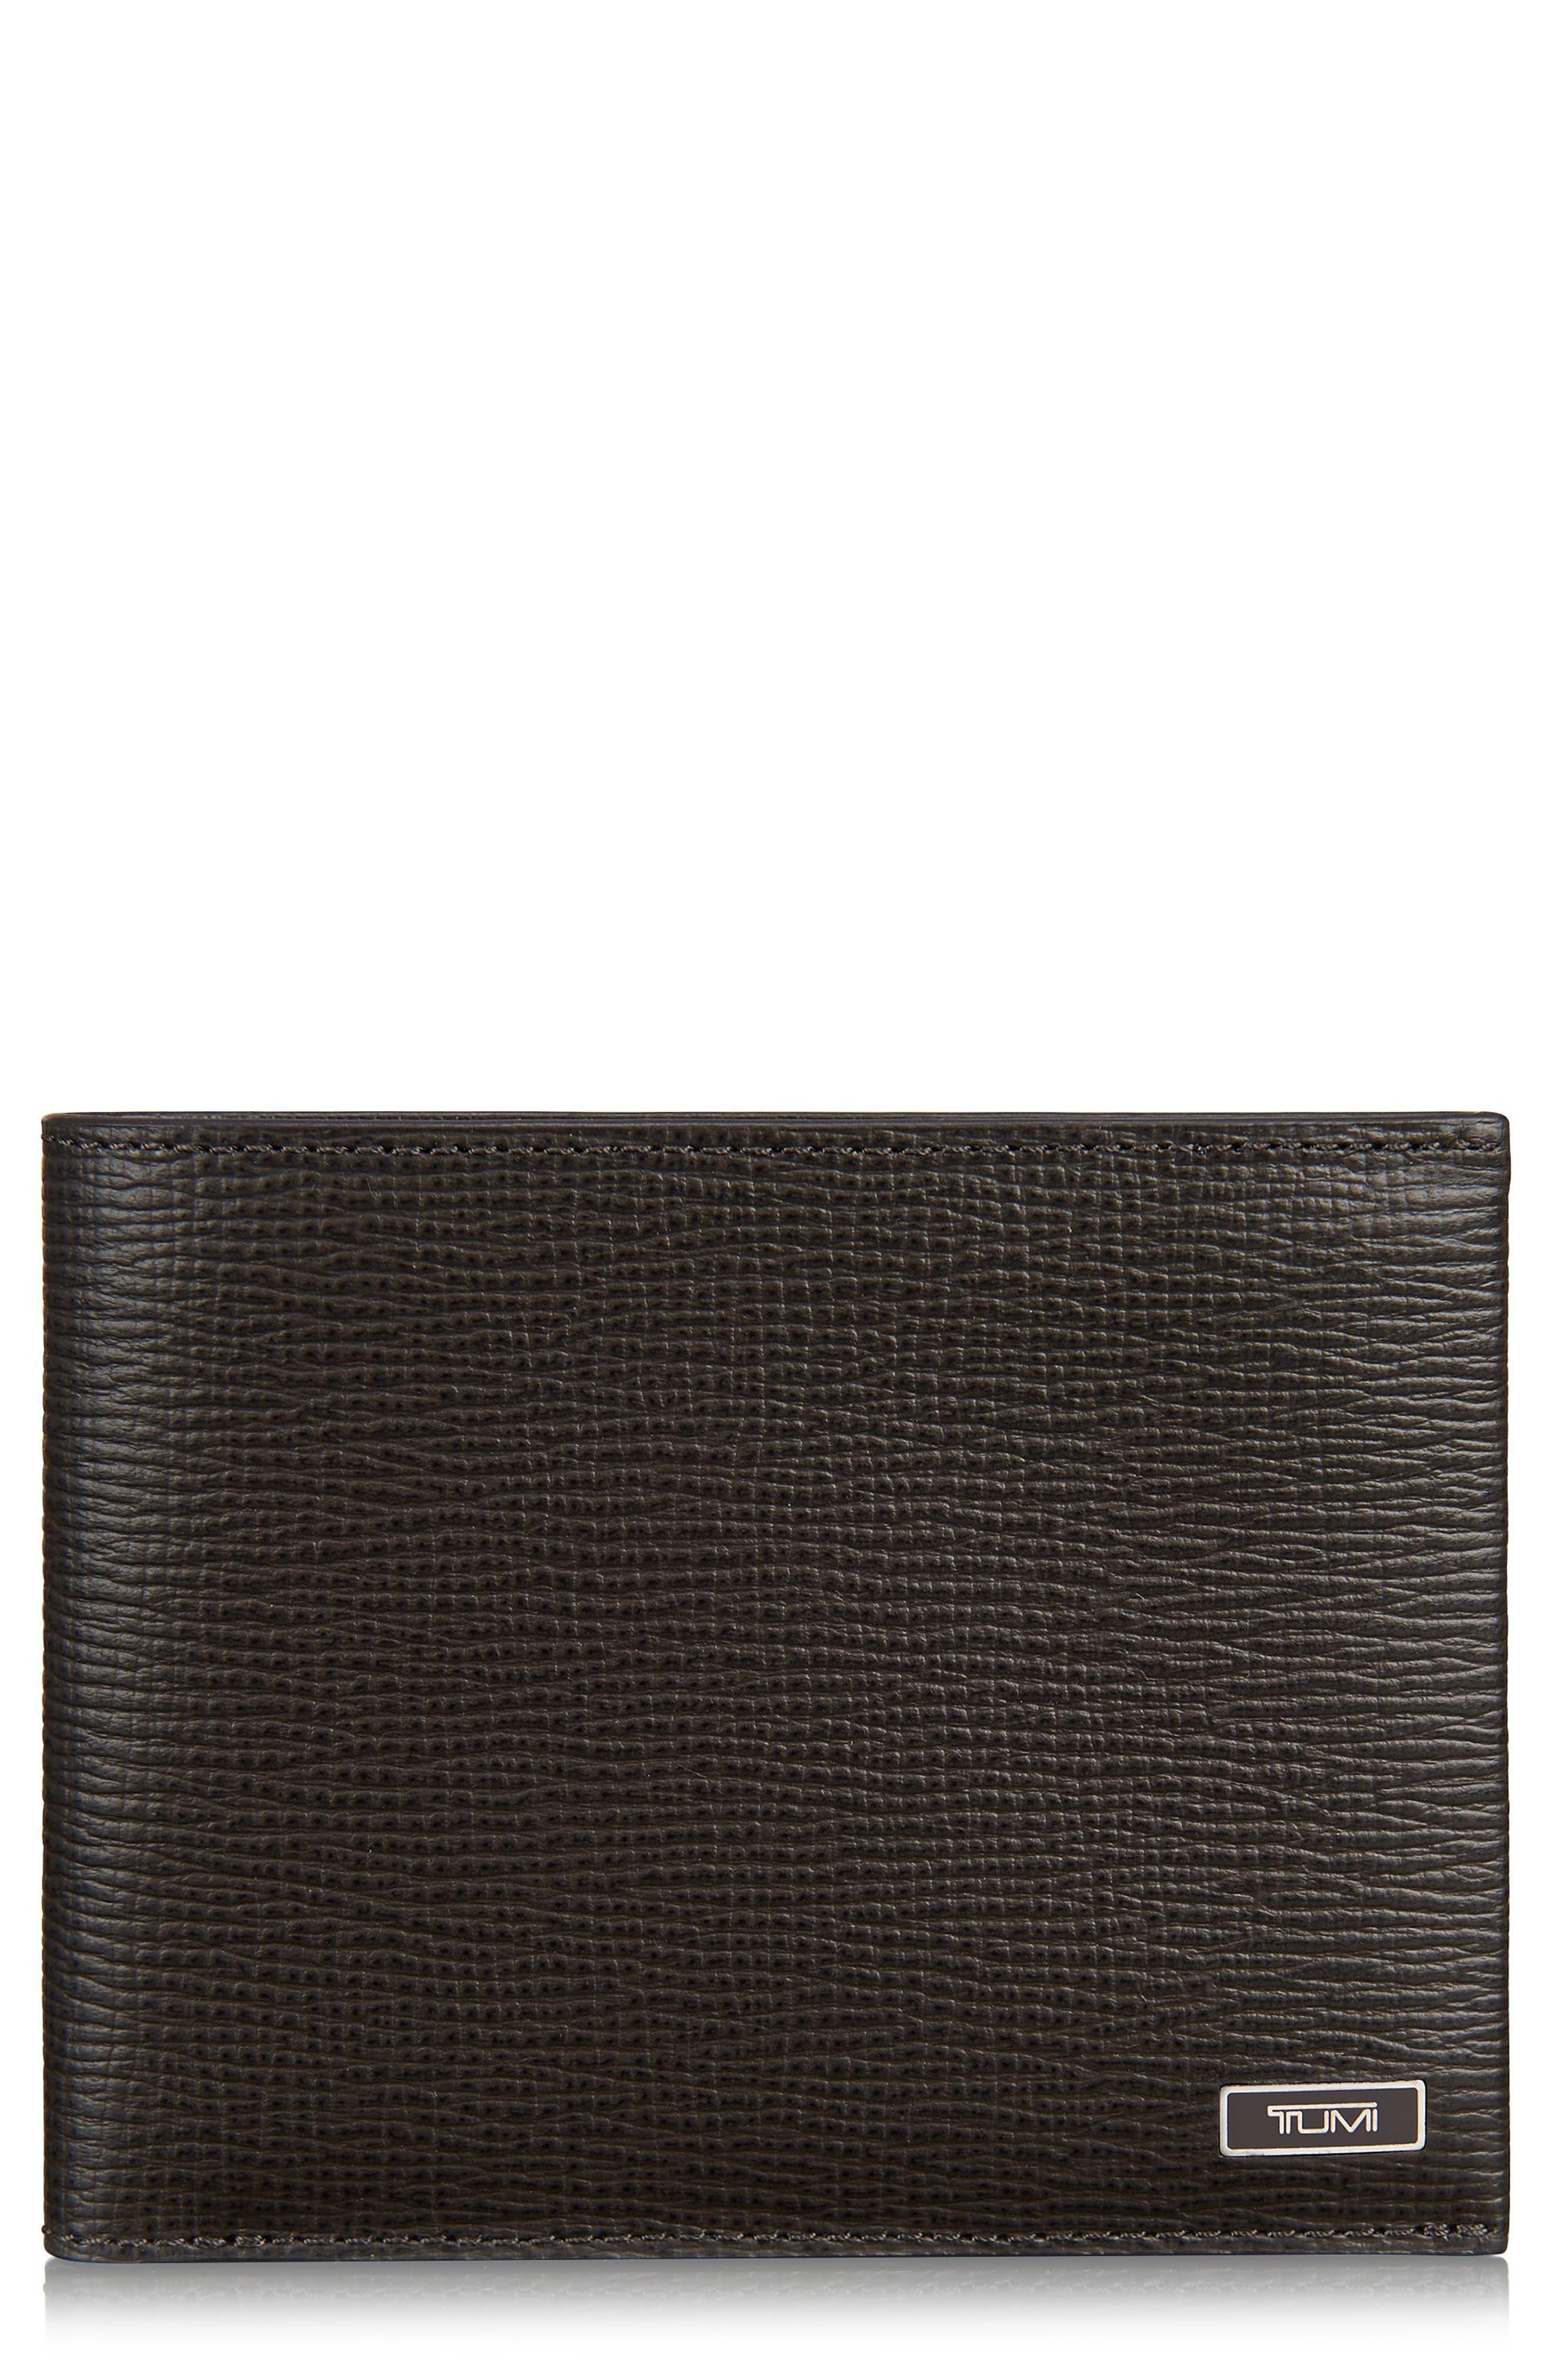 Tumi Monaco Leather Wallet